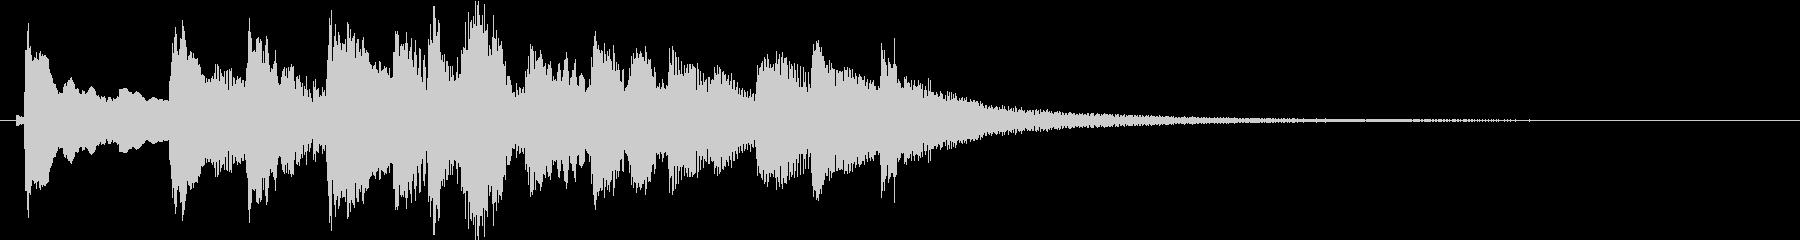 和風 シンプルな琴のジングル1の未再生の波形